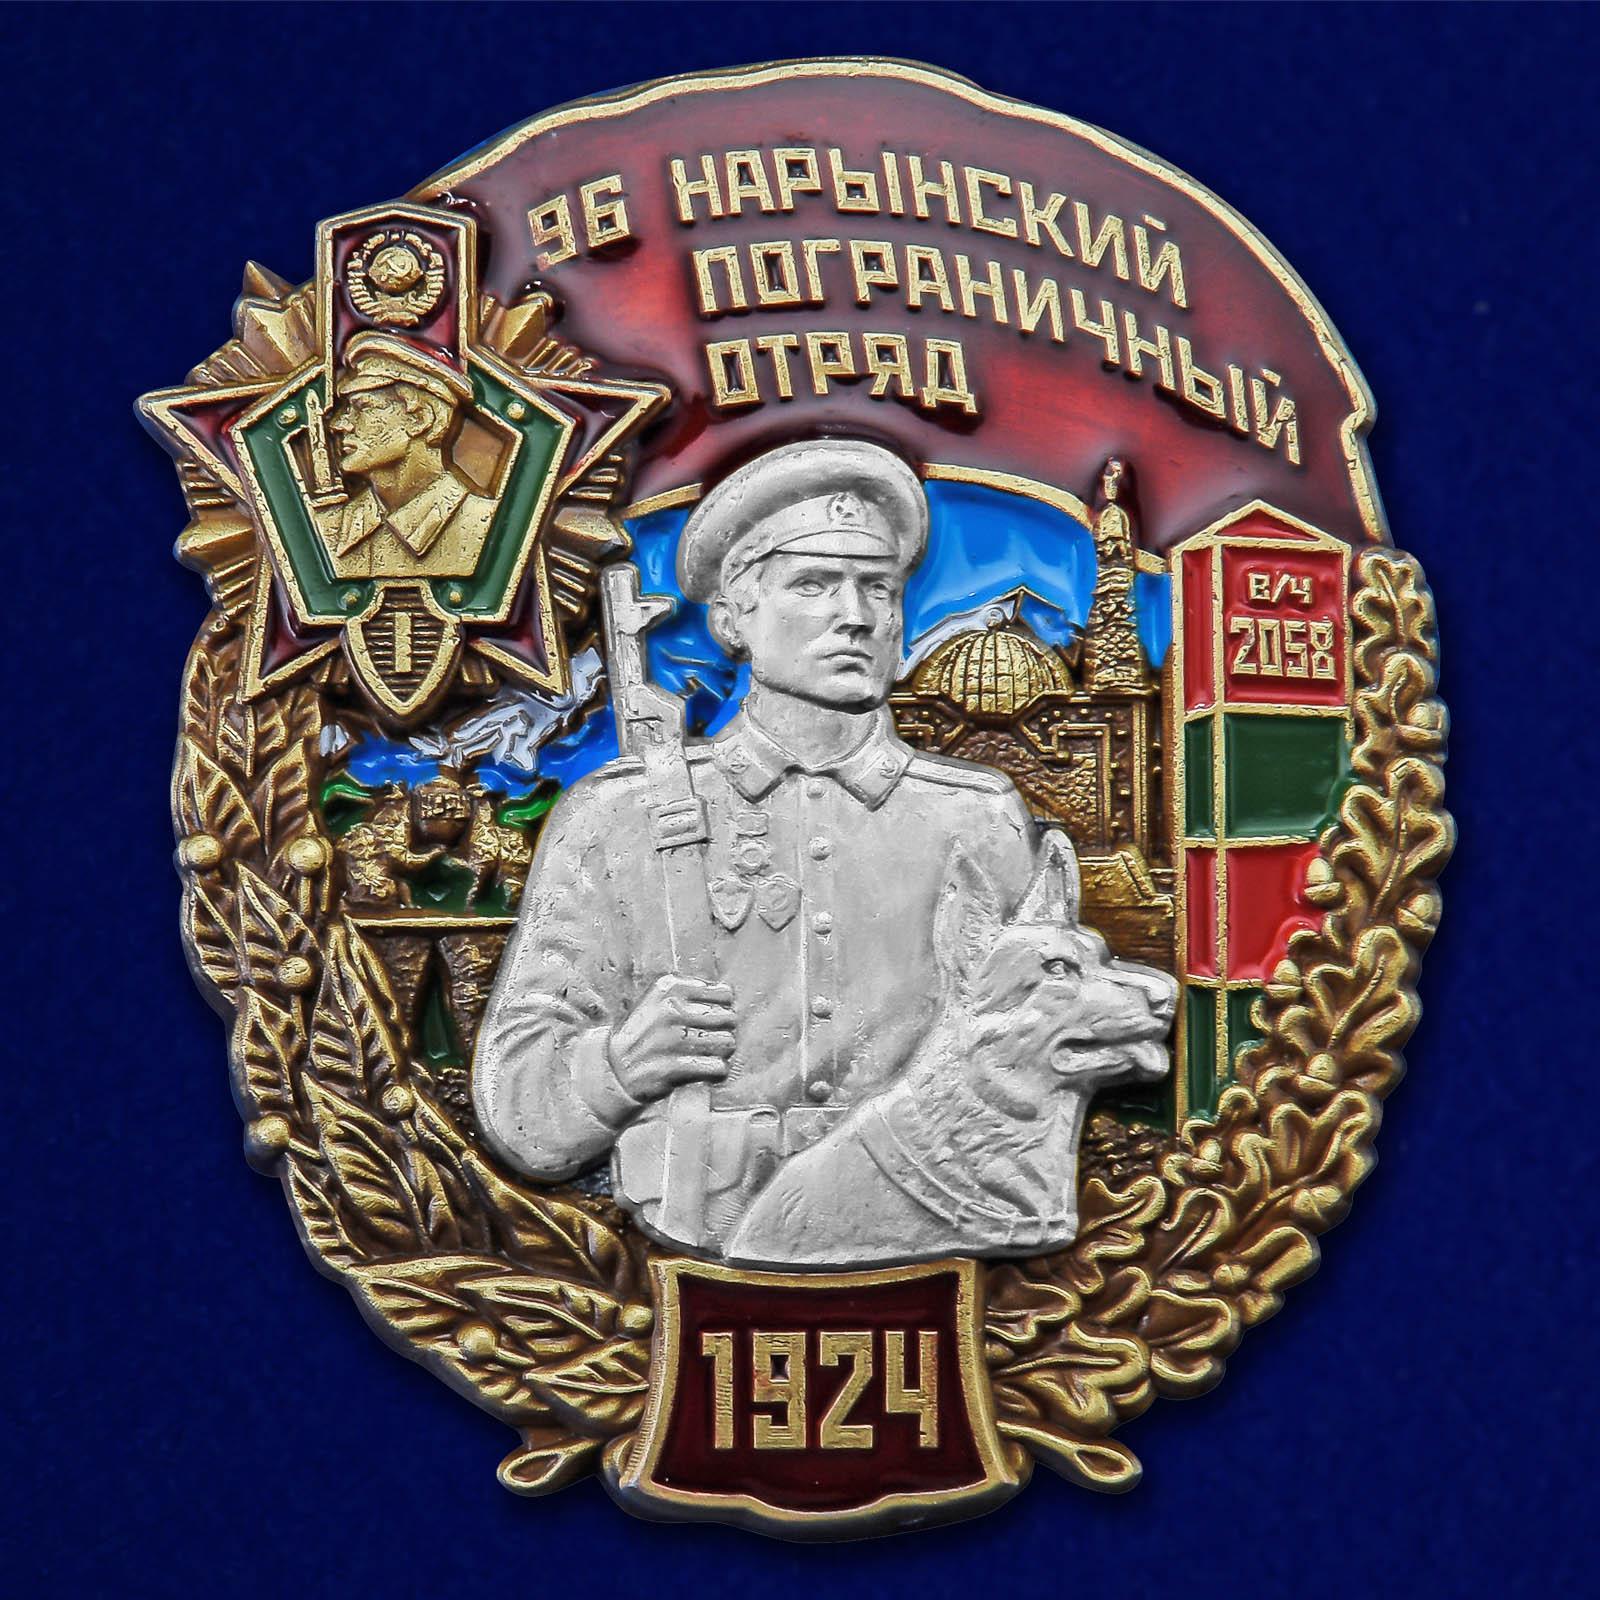 """Знак """"96 Нарынский пограничный отряд"""""""